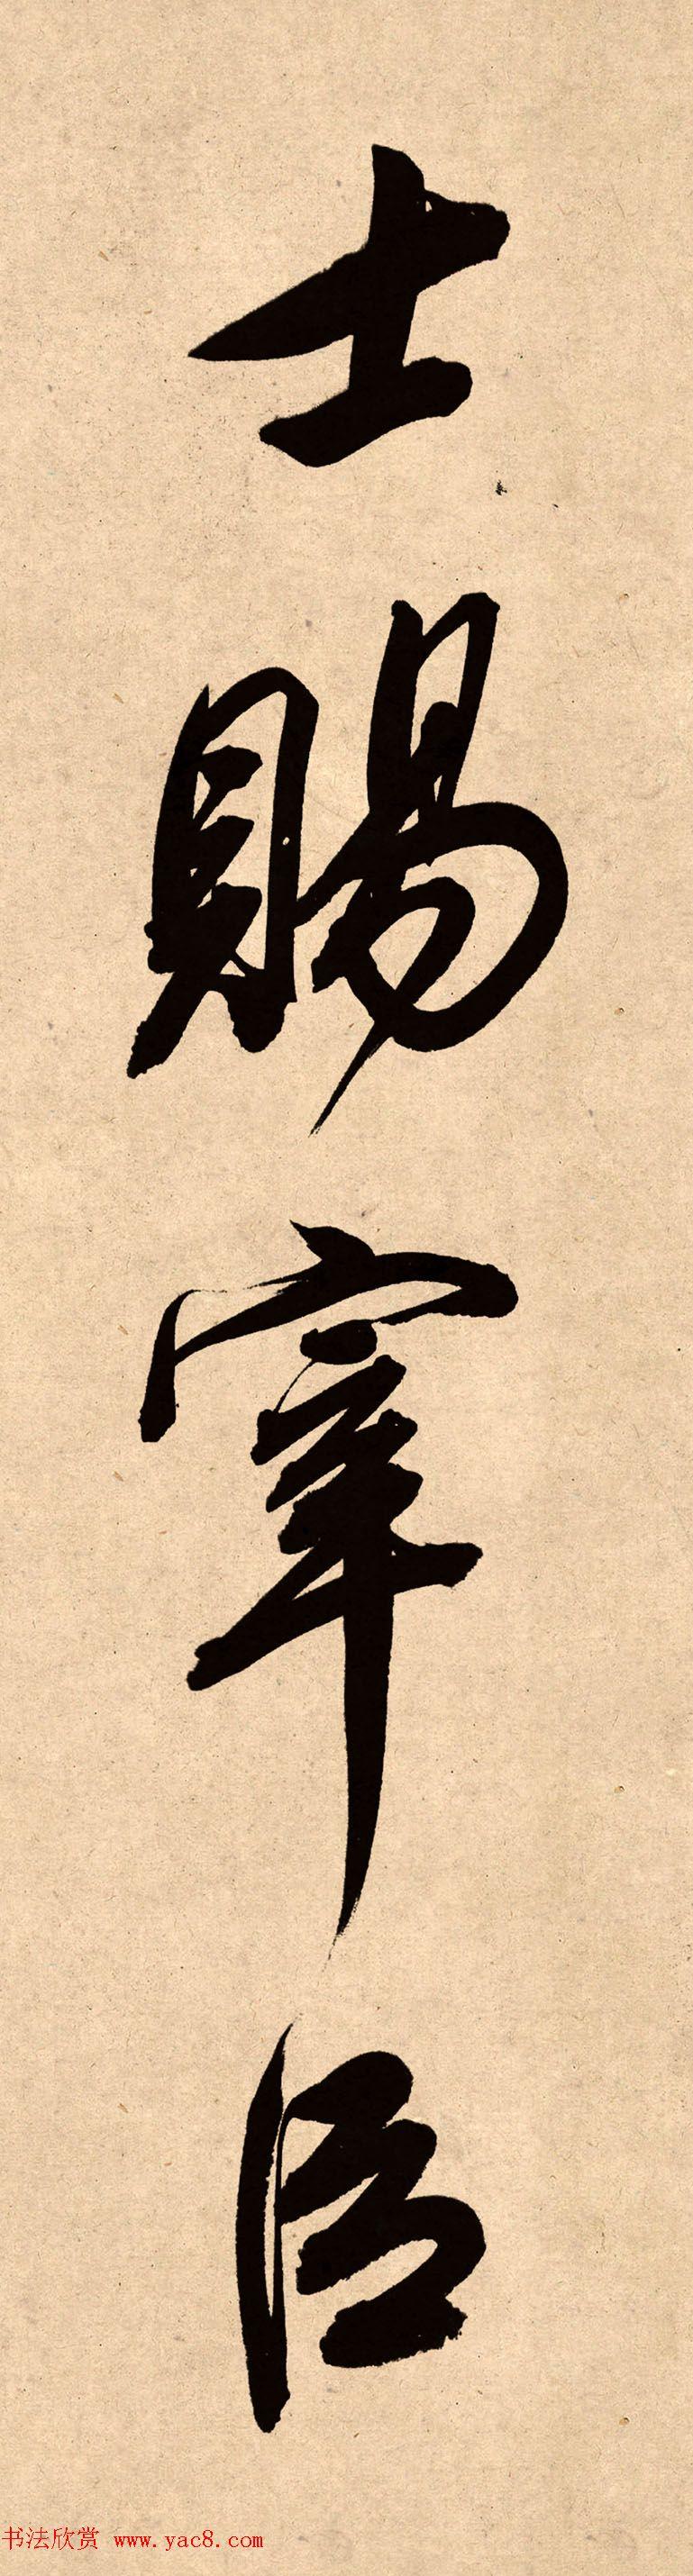 董其昌78岁行书精品《白羽扇赋》高清单字